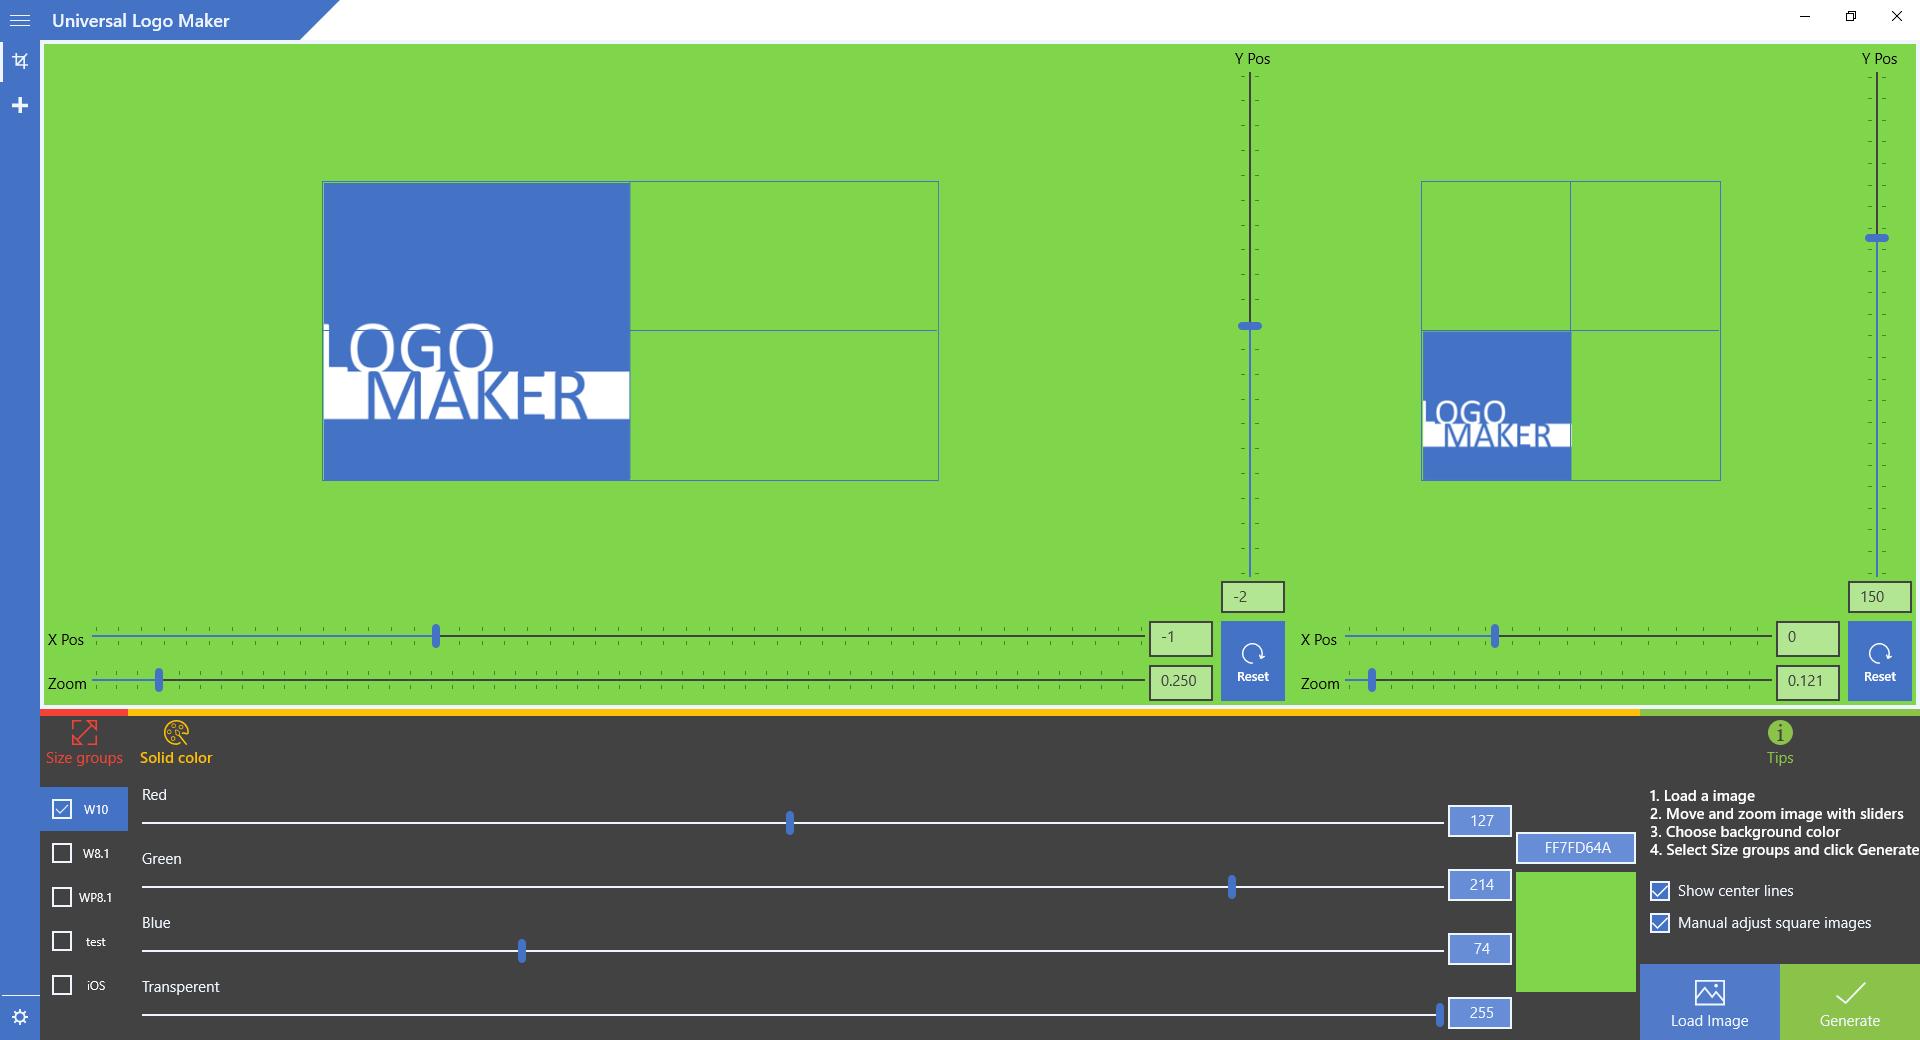 Universal Logo Maker for Windows